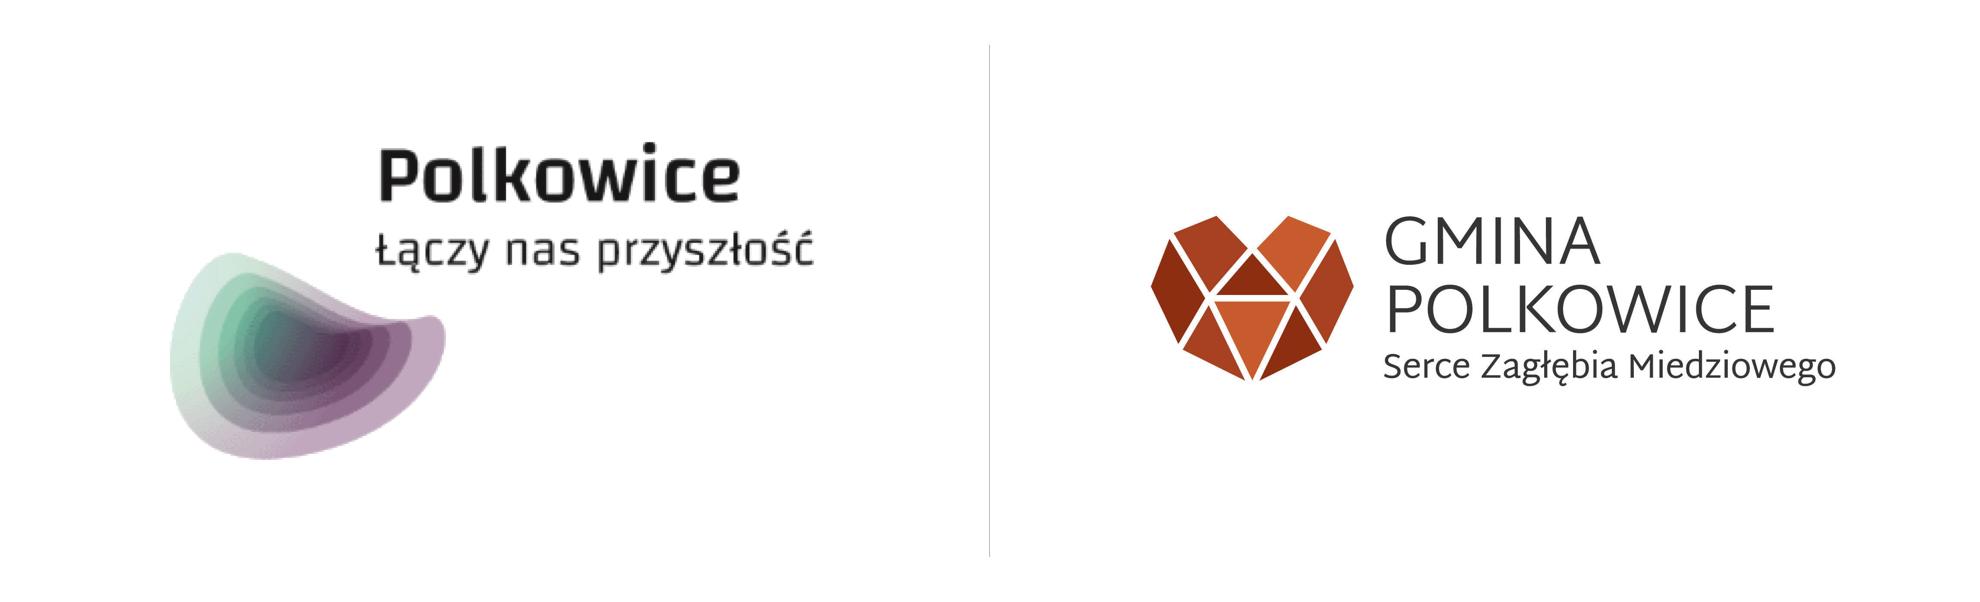 stare inowe logo gminy polkowice